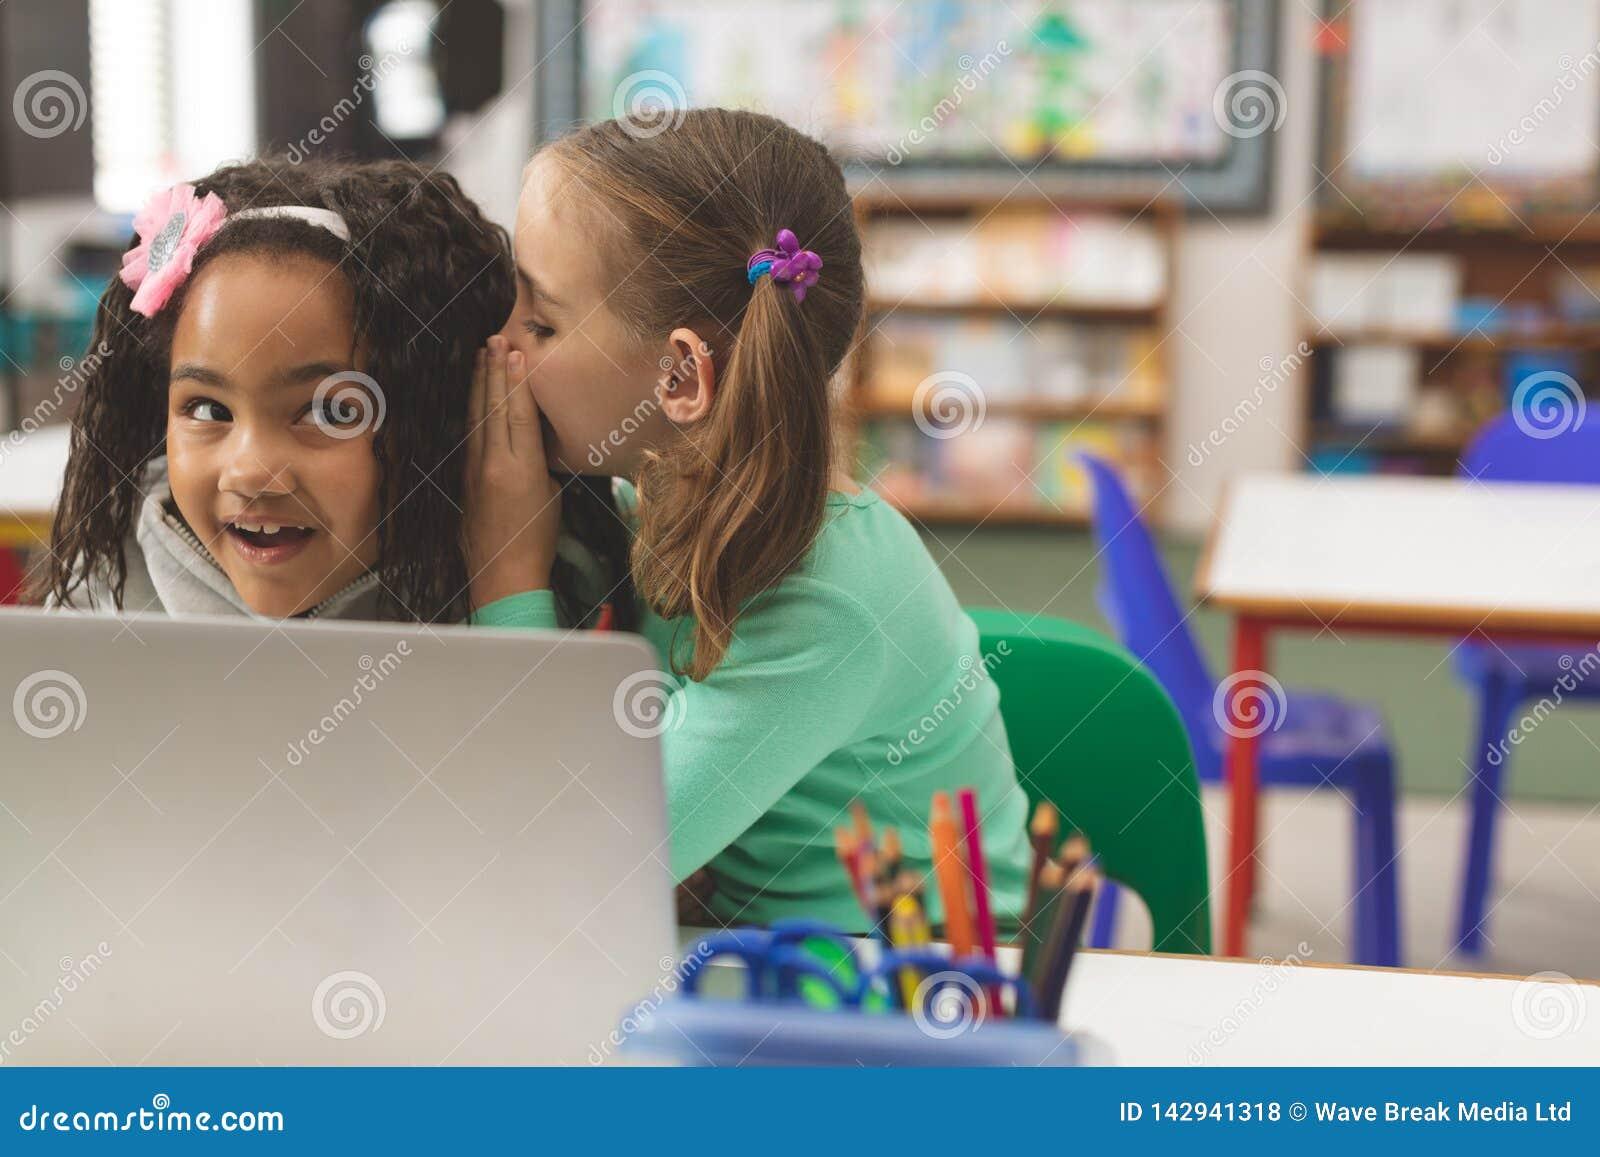 Vooraanzicht van Kaukasisch schoolmeisje die een geheim fluisteren in vriendenoor terwijl haar vriend astonis schijnt